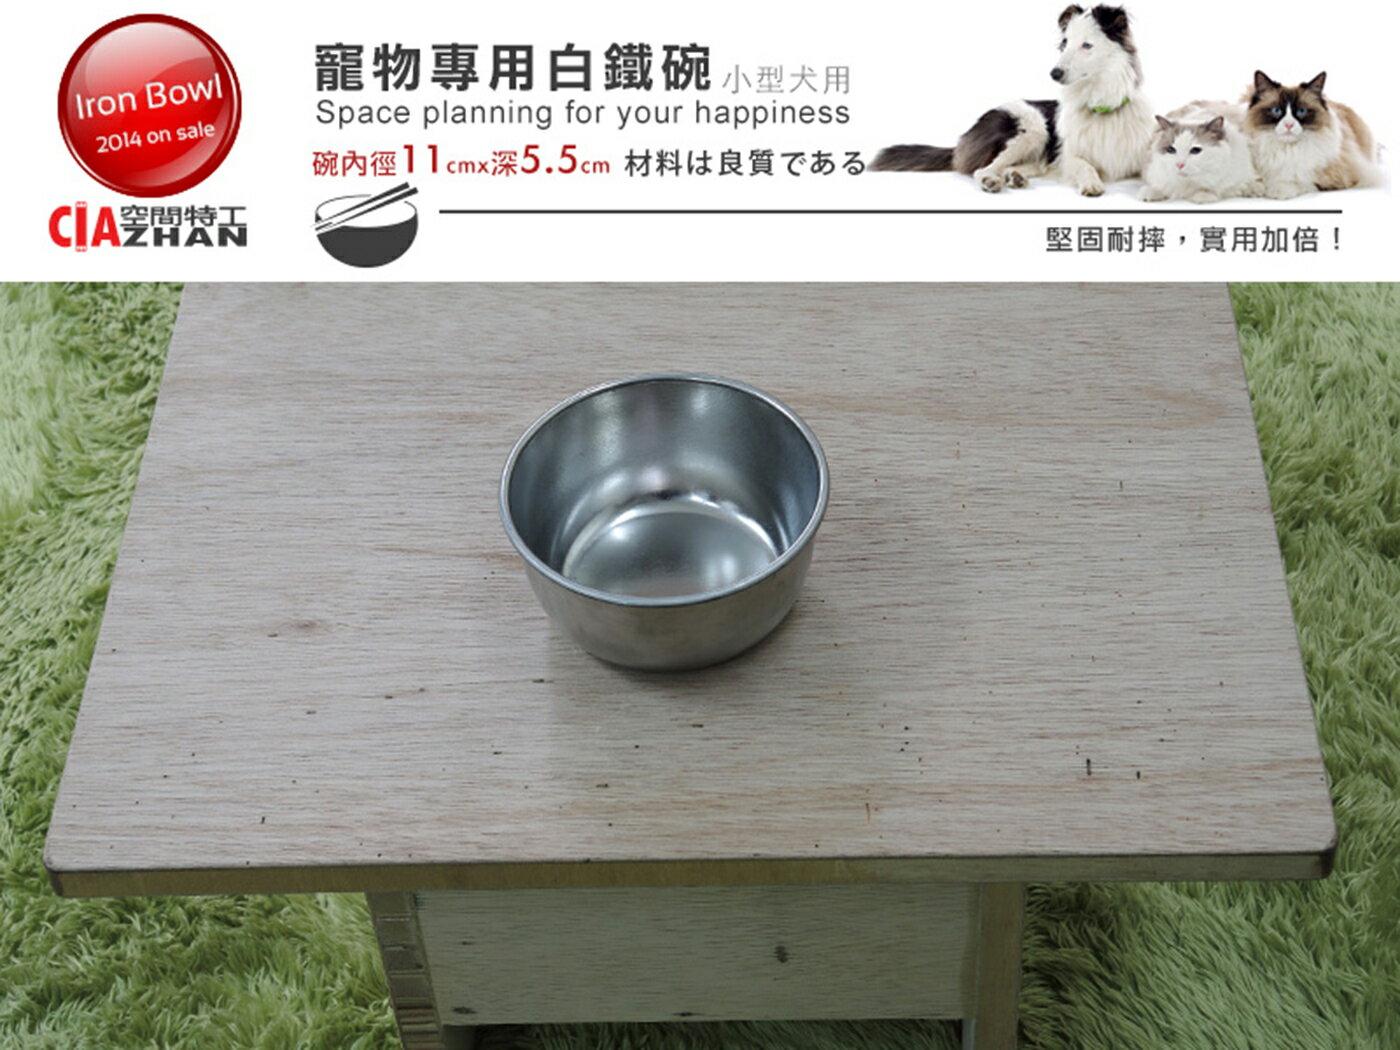 飼料碗 圓碗 貓碗 餵食器 進食碗 食盆 3號不鏽鋼碗盆 全新 小型犬白鐵狗碗 不銹鋼單口碗 耐用好清洗 ♞空間特工♞